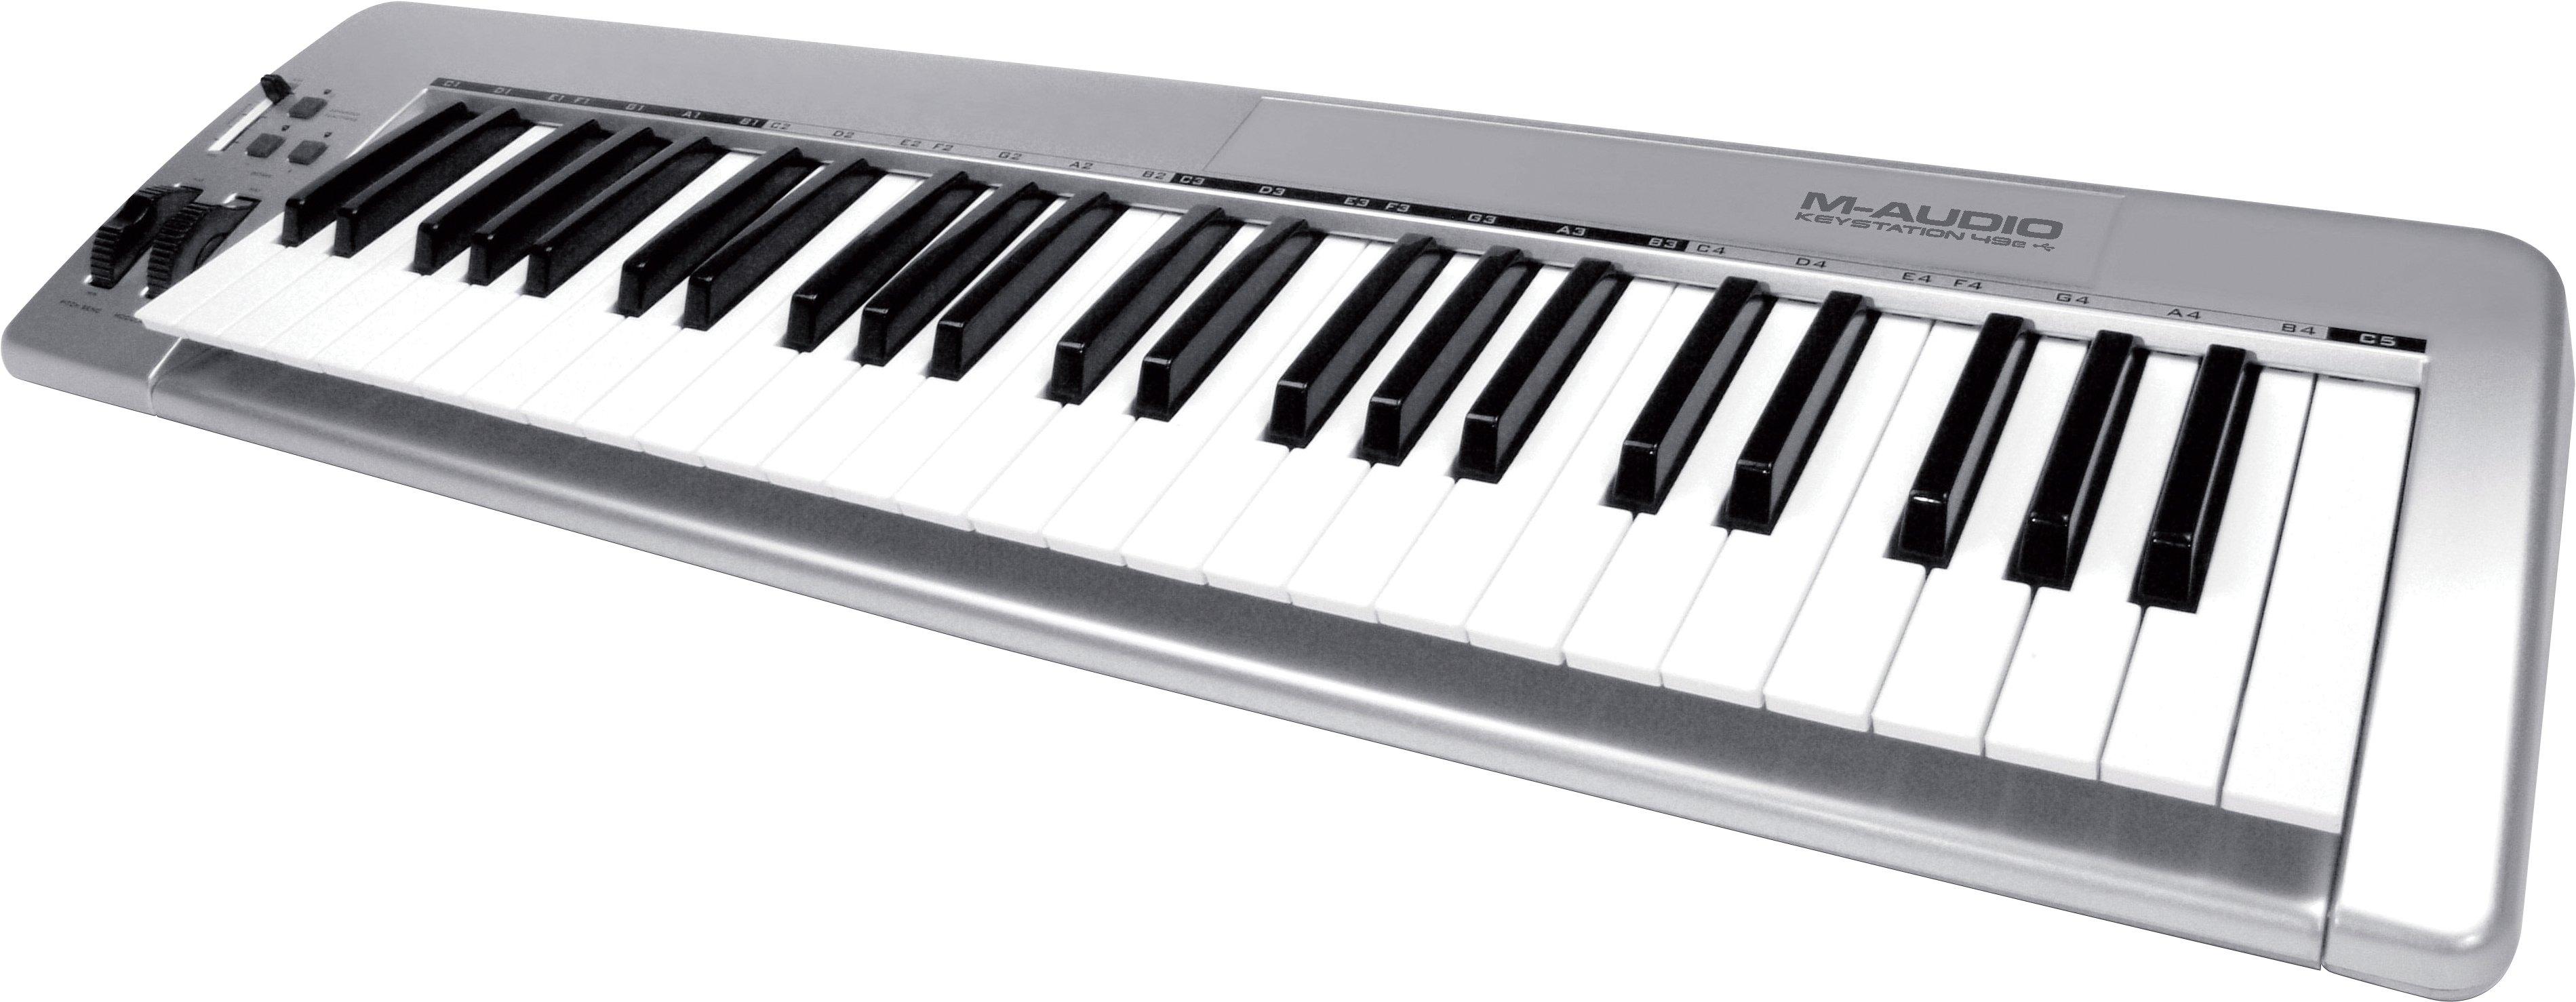 M-AUDIO KEYSTATION 49E MIDI DRIVER (2019)